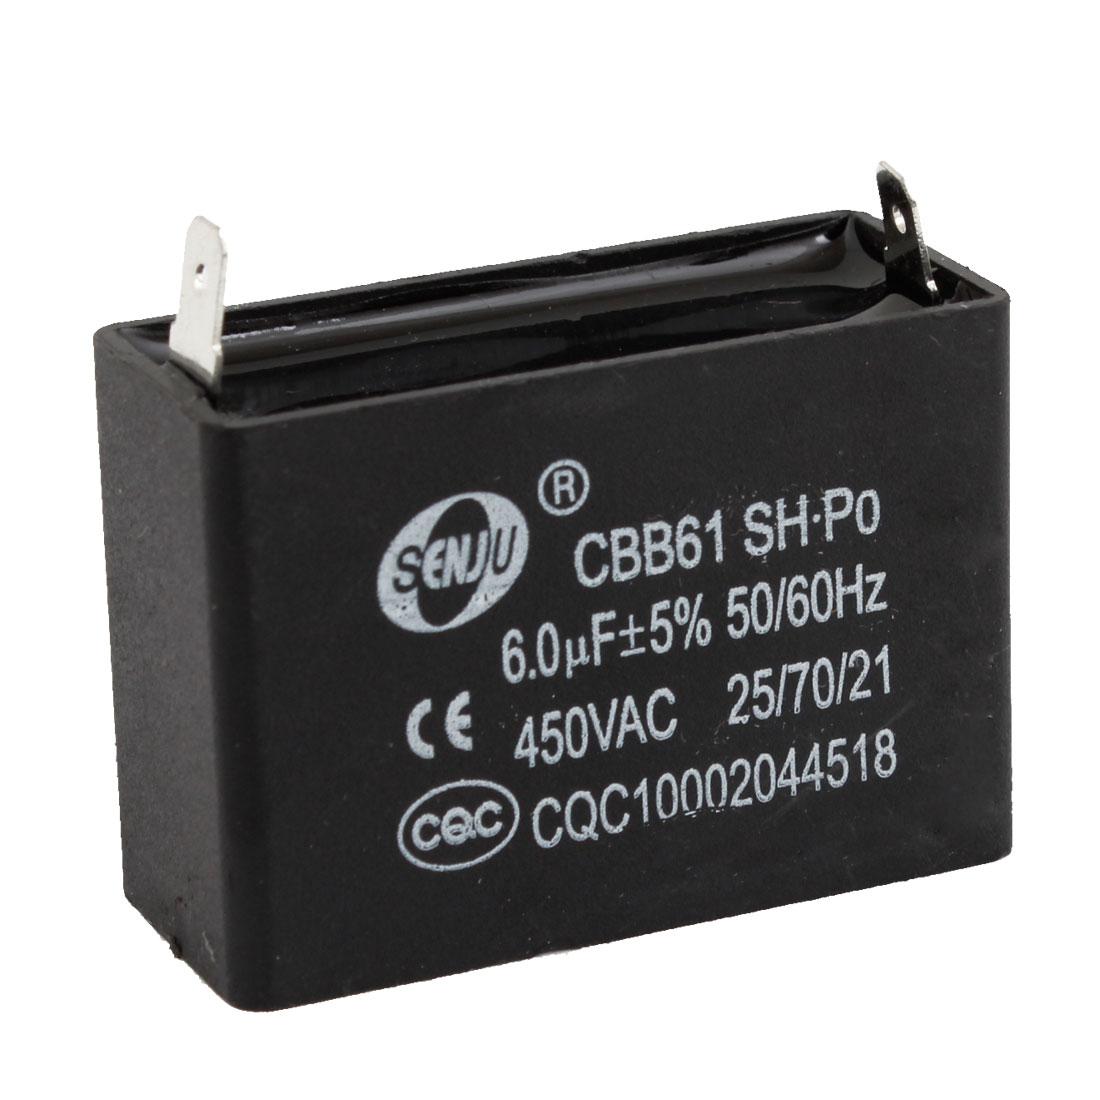 CBB61 6uF 450V AC Polypropylene Film 2 Terminals Motor Capacitor